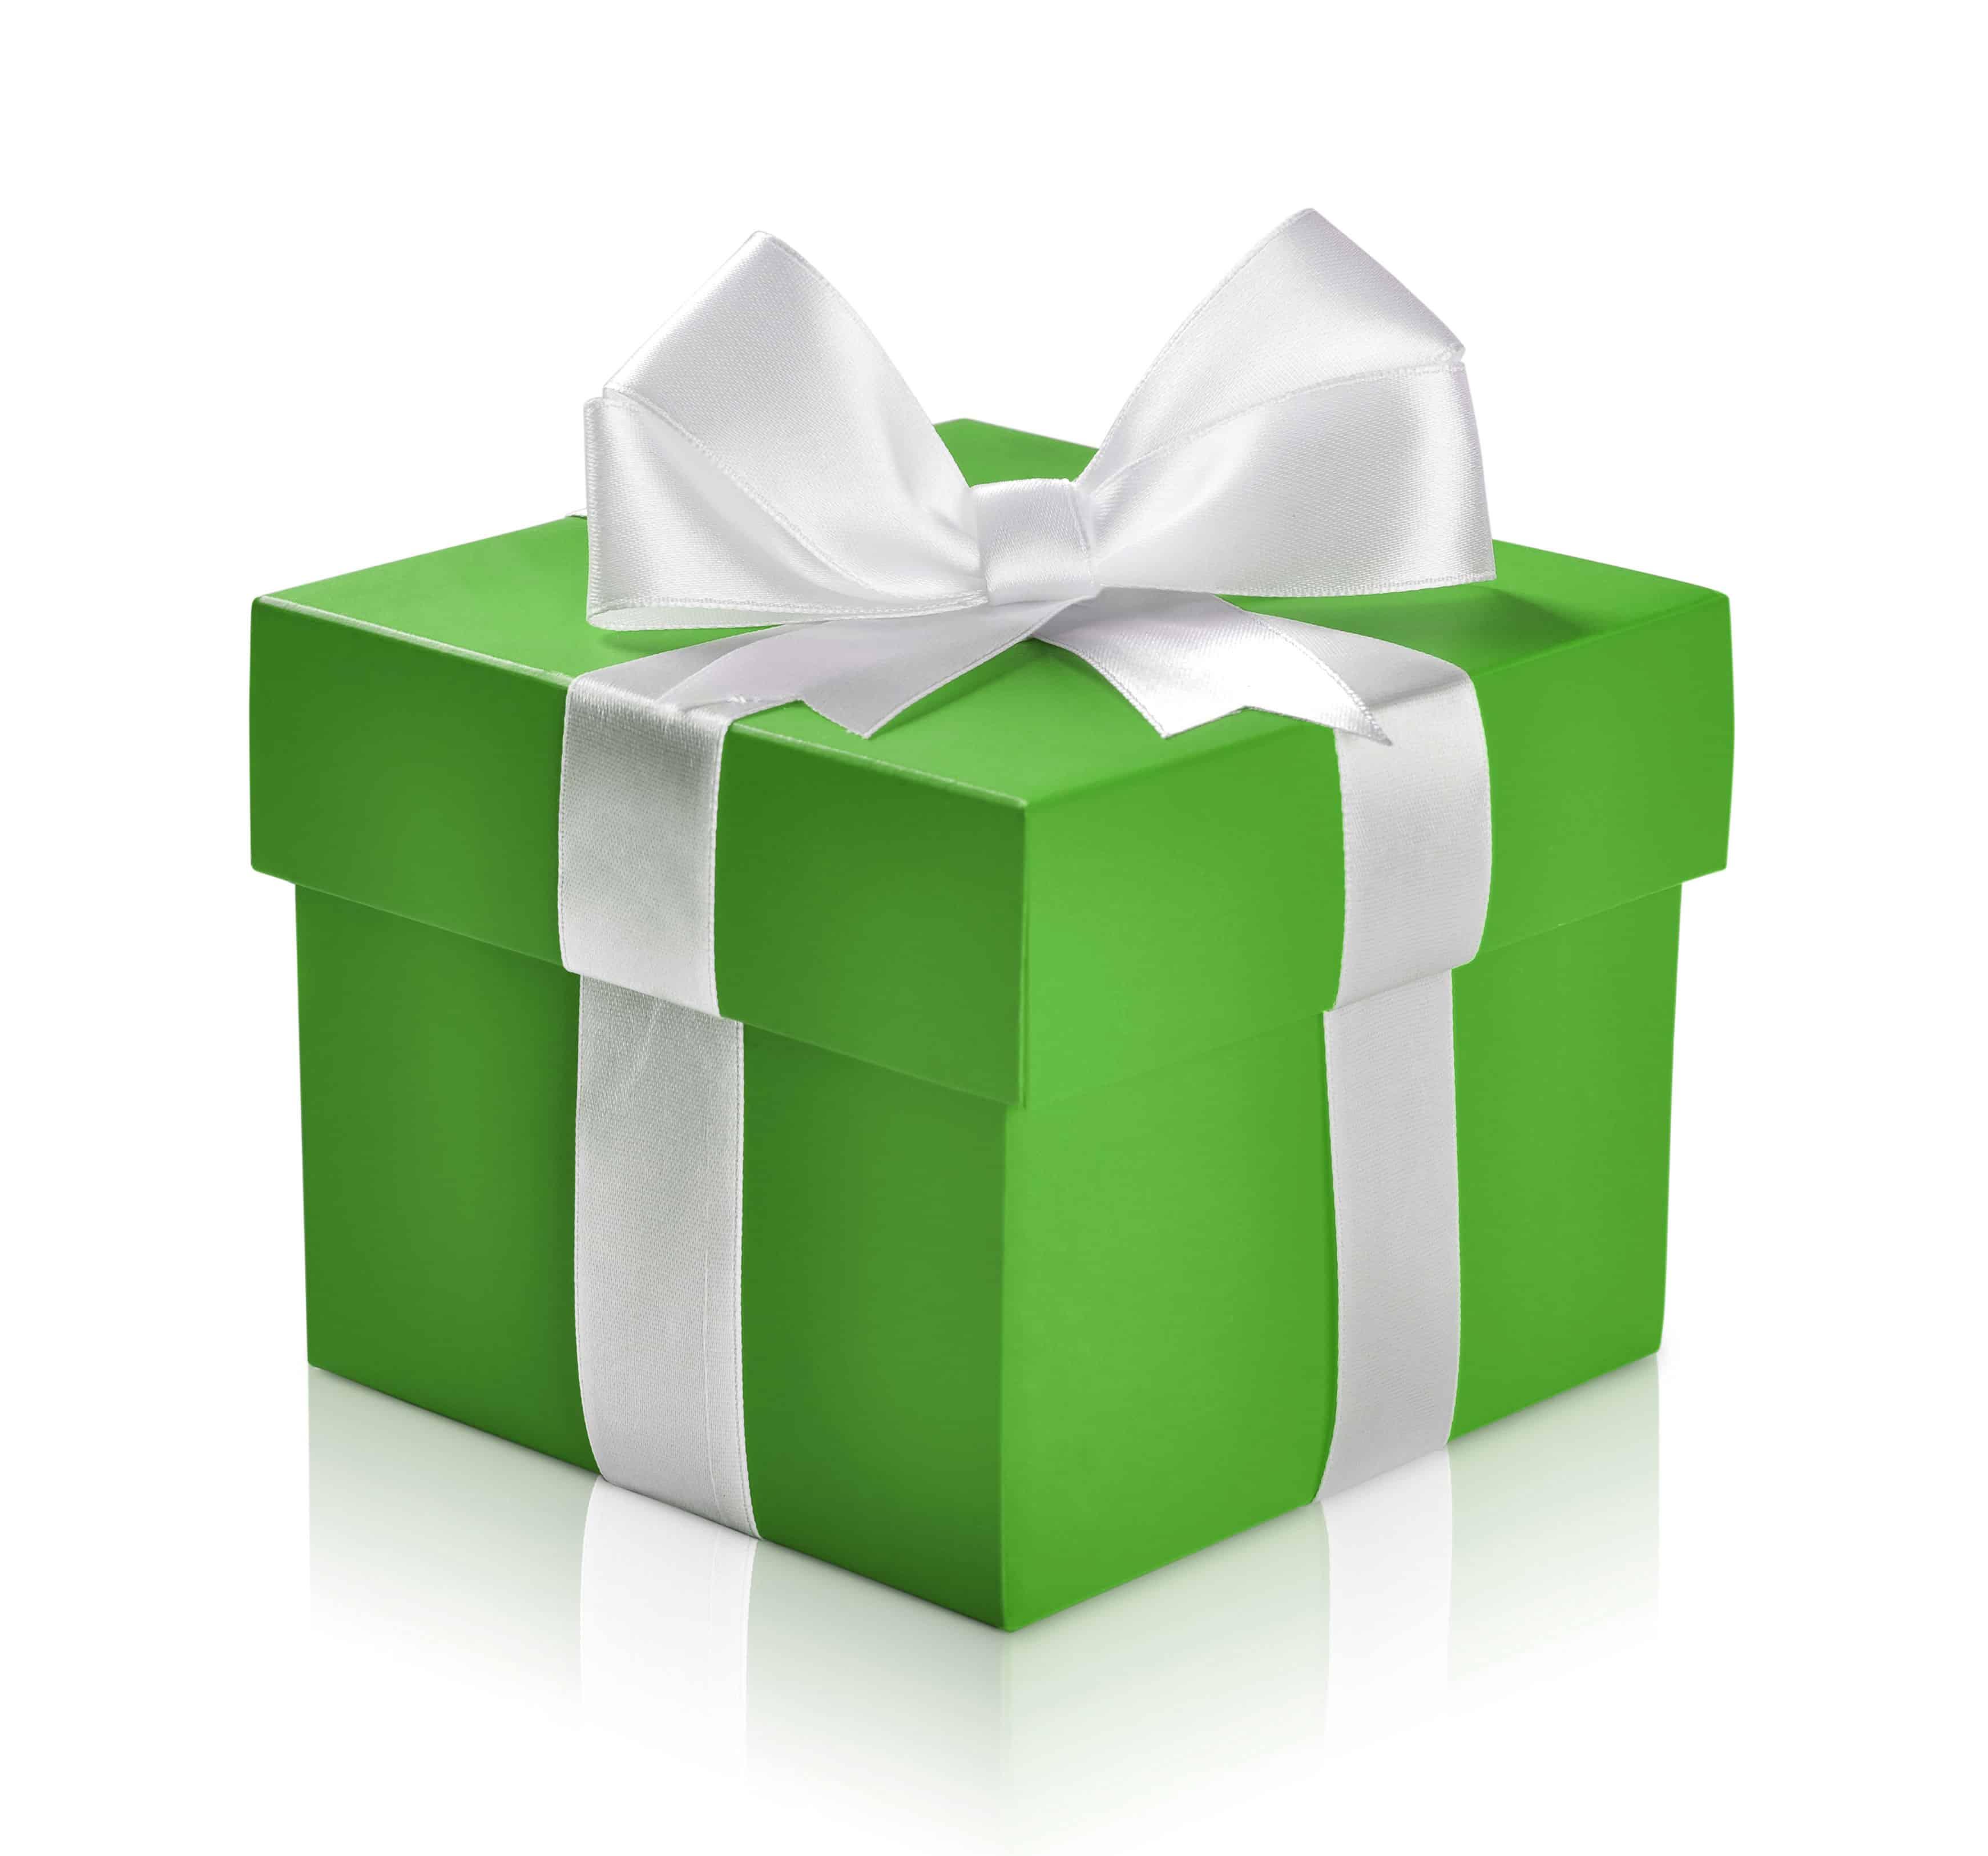 green rewards present